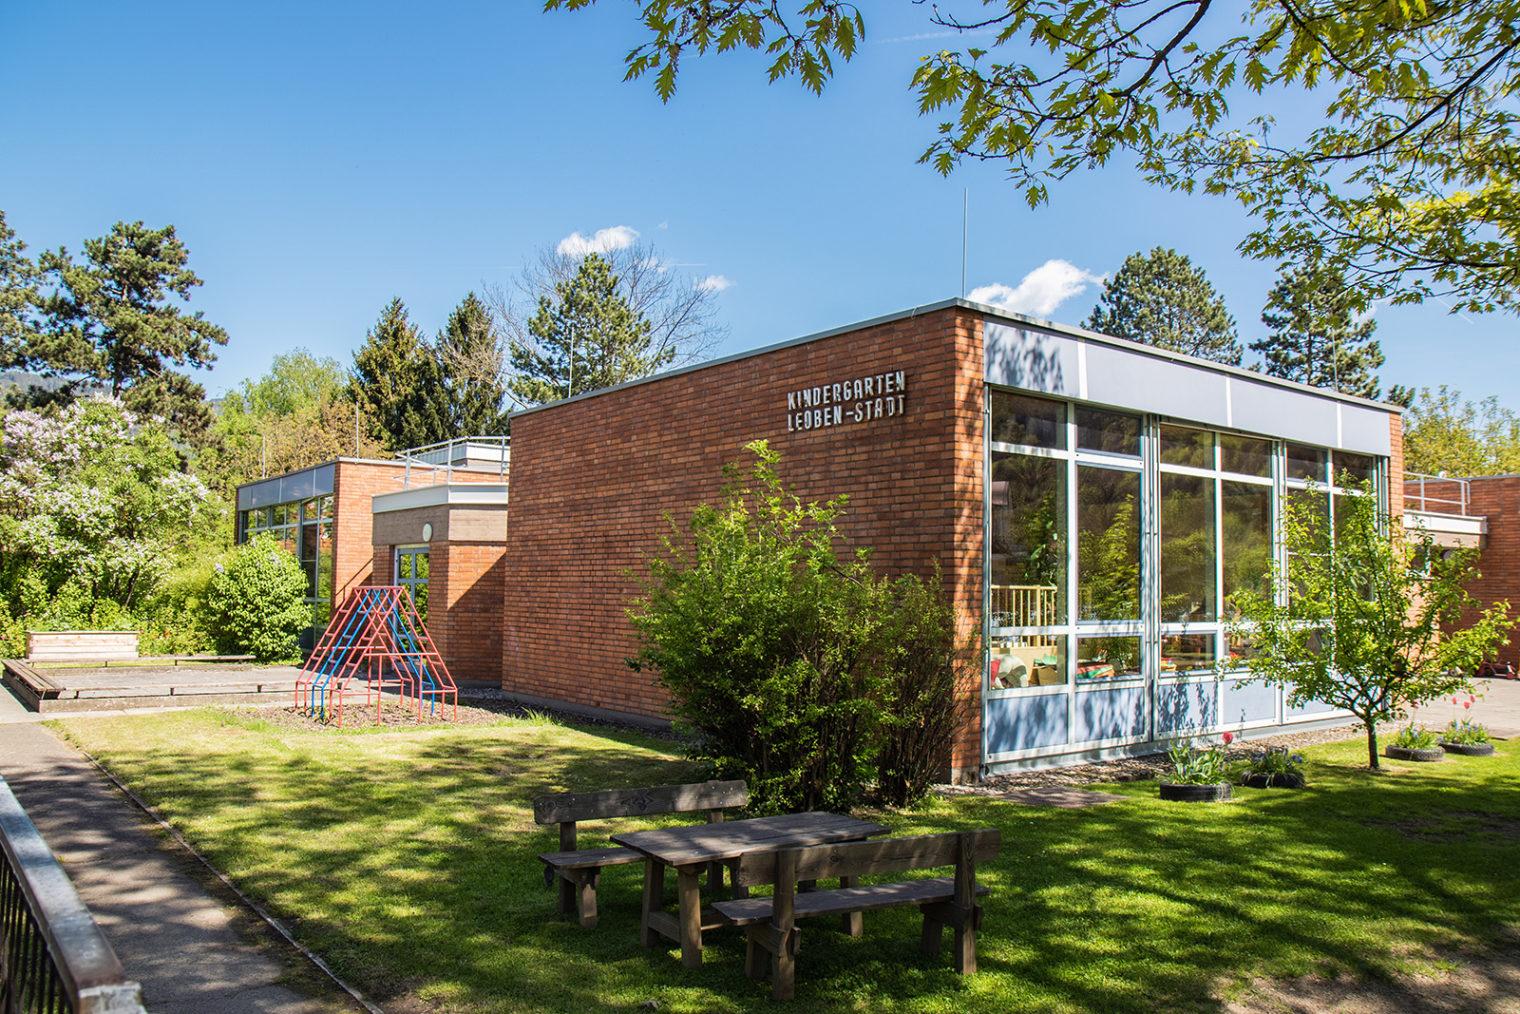 Außenaufnahme Kindergarten Leoben Stadt